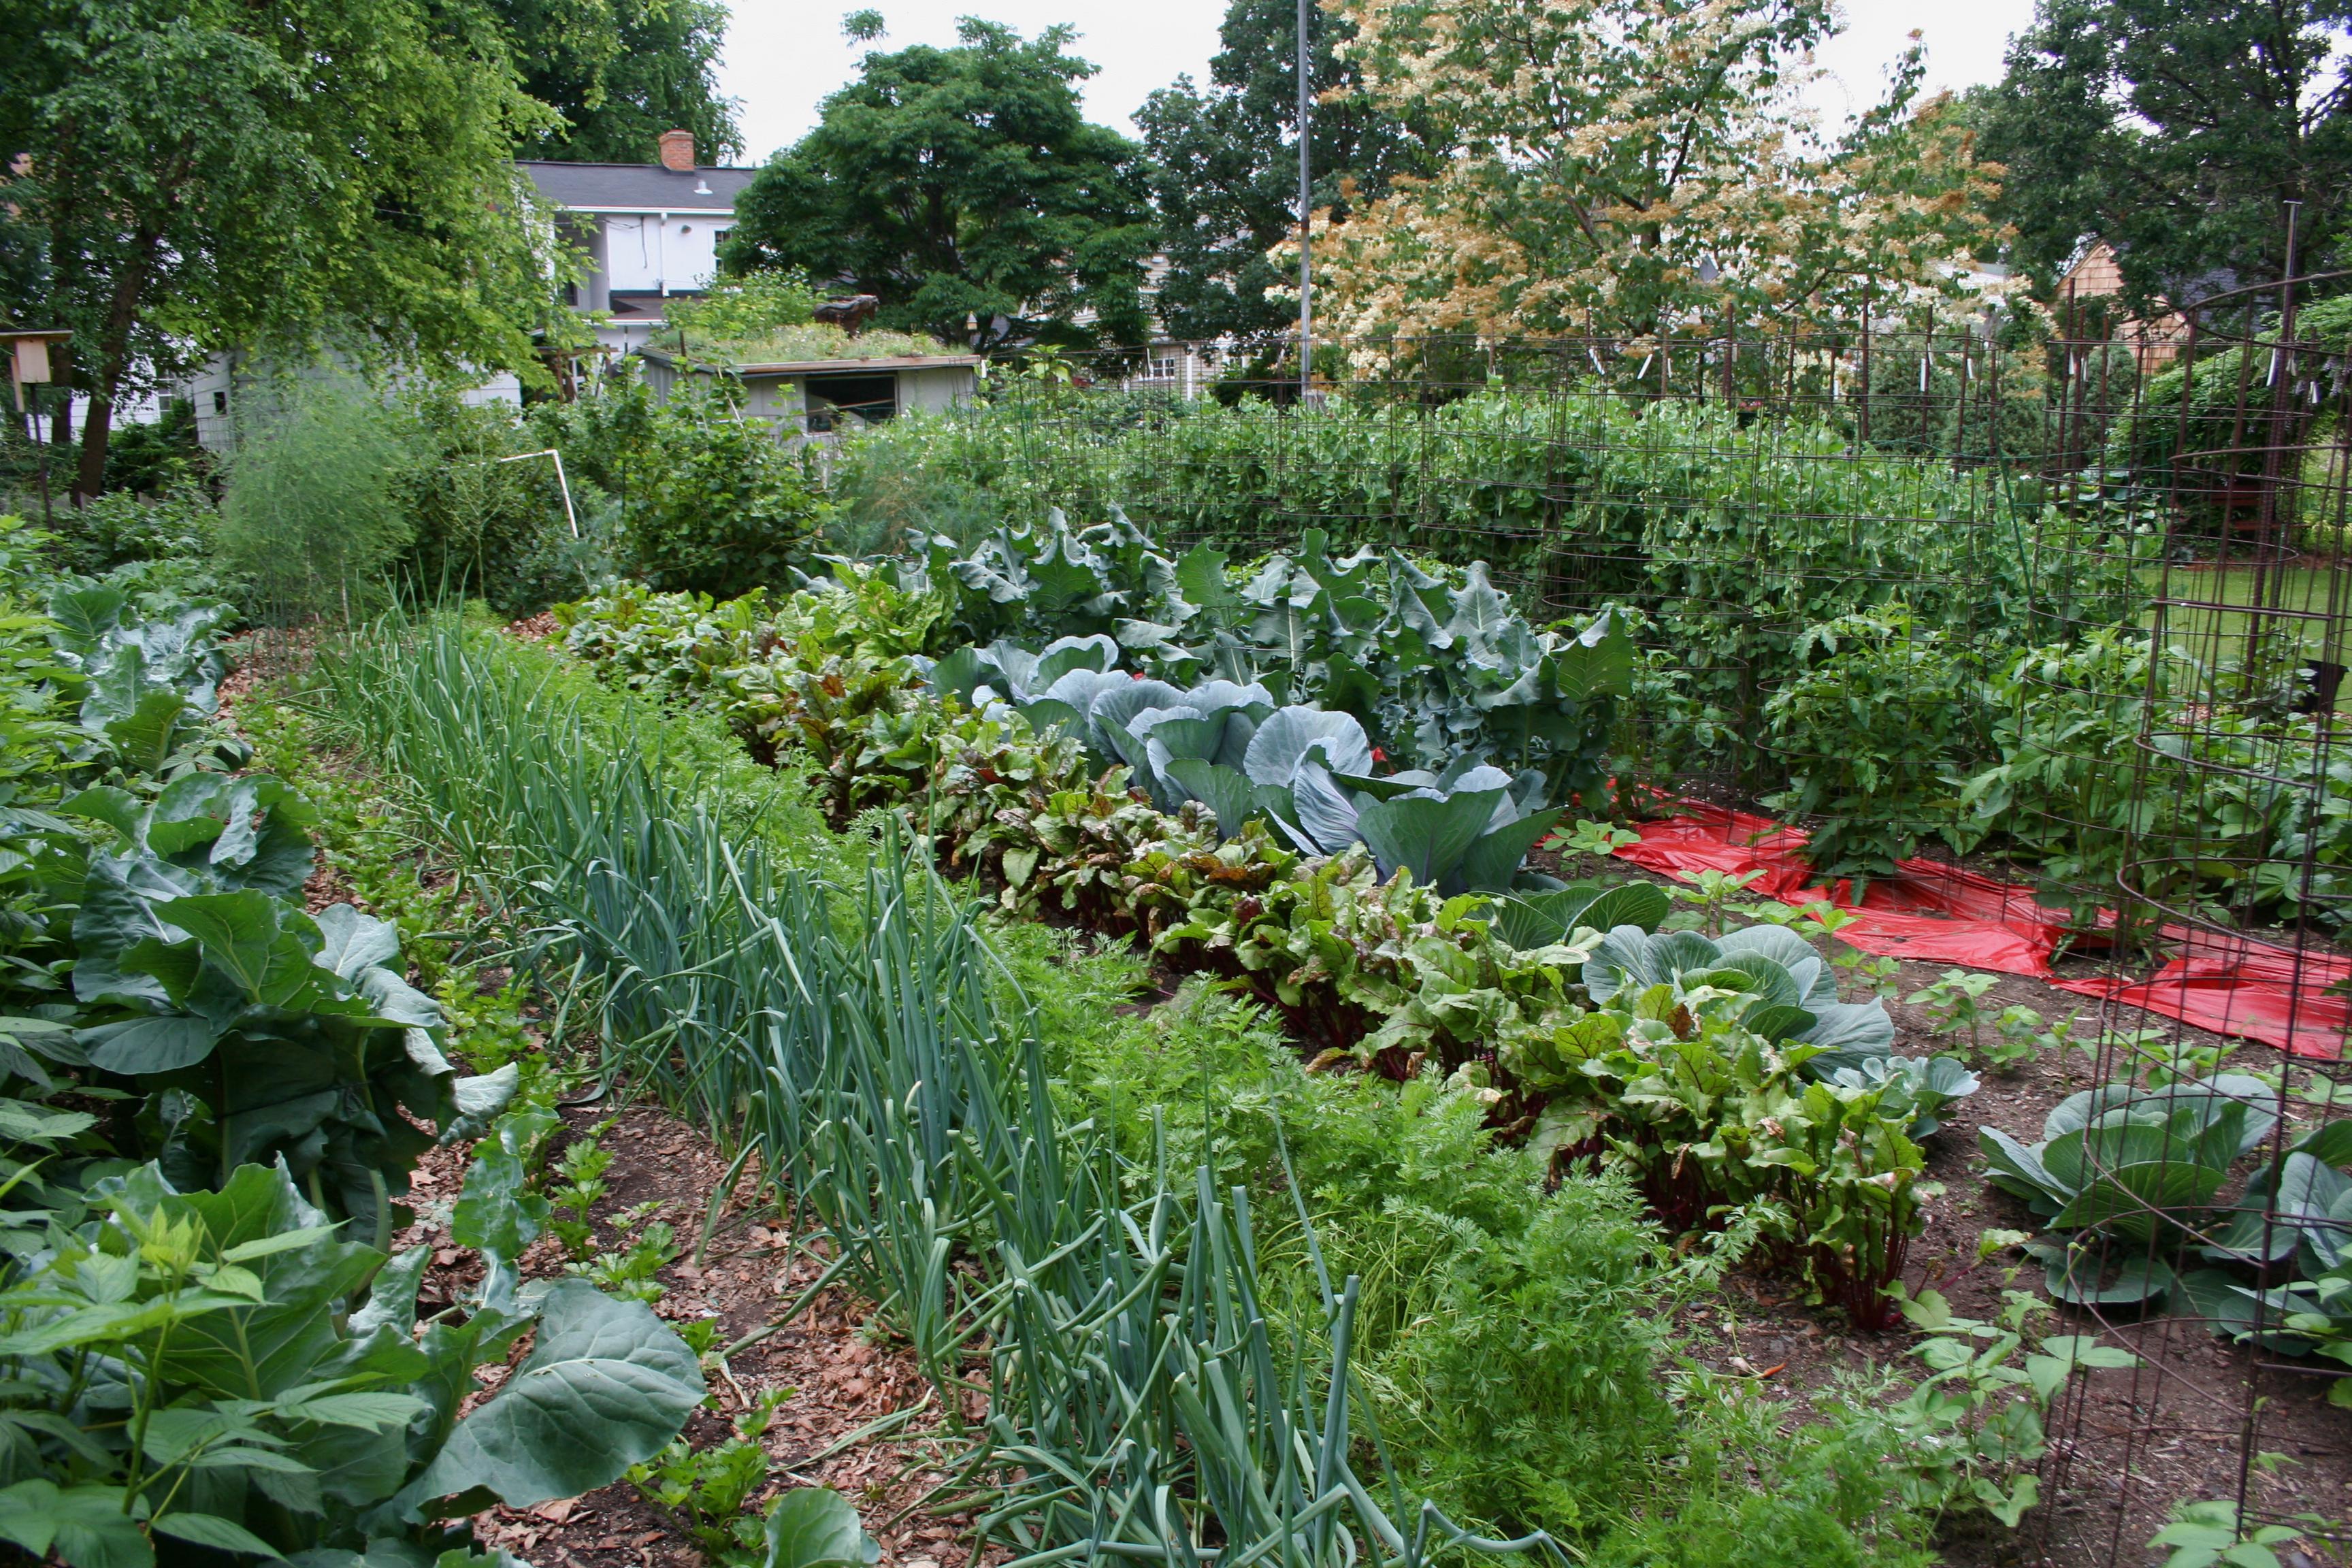 Download Vegetable Garden Wallpaper Size 3456x2304 Amazingpictcom Hd